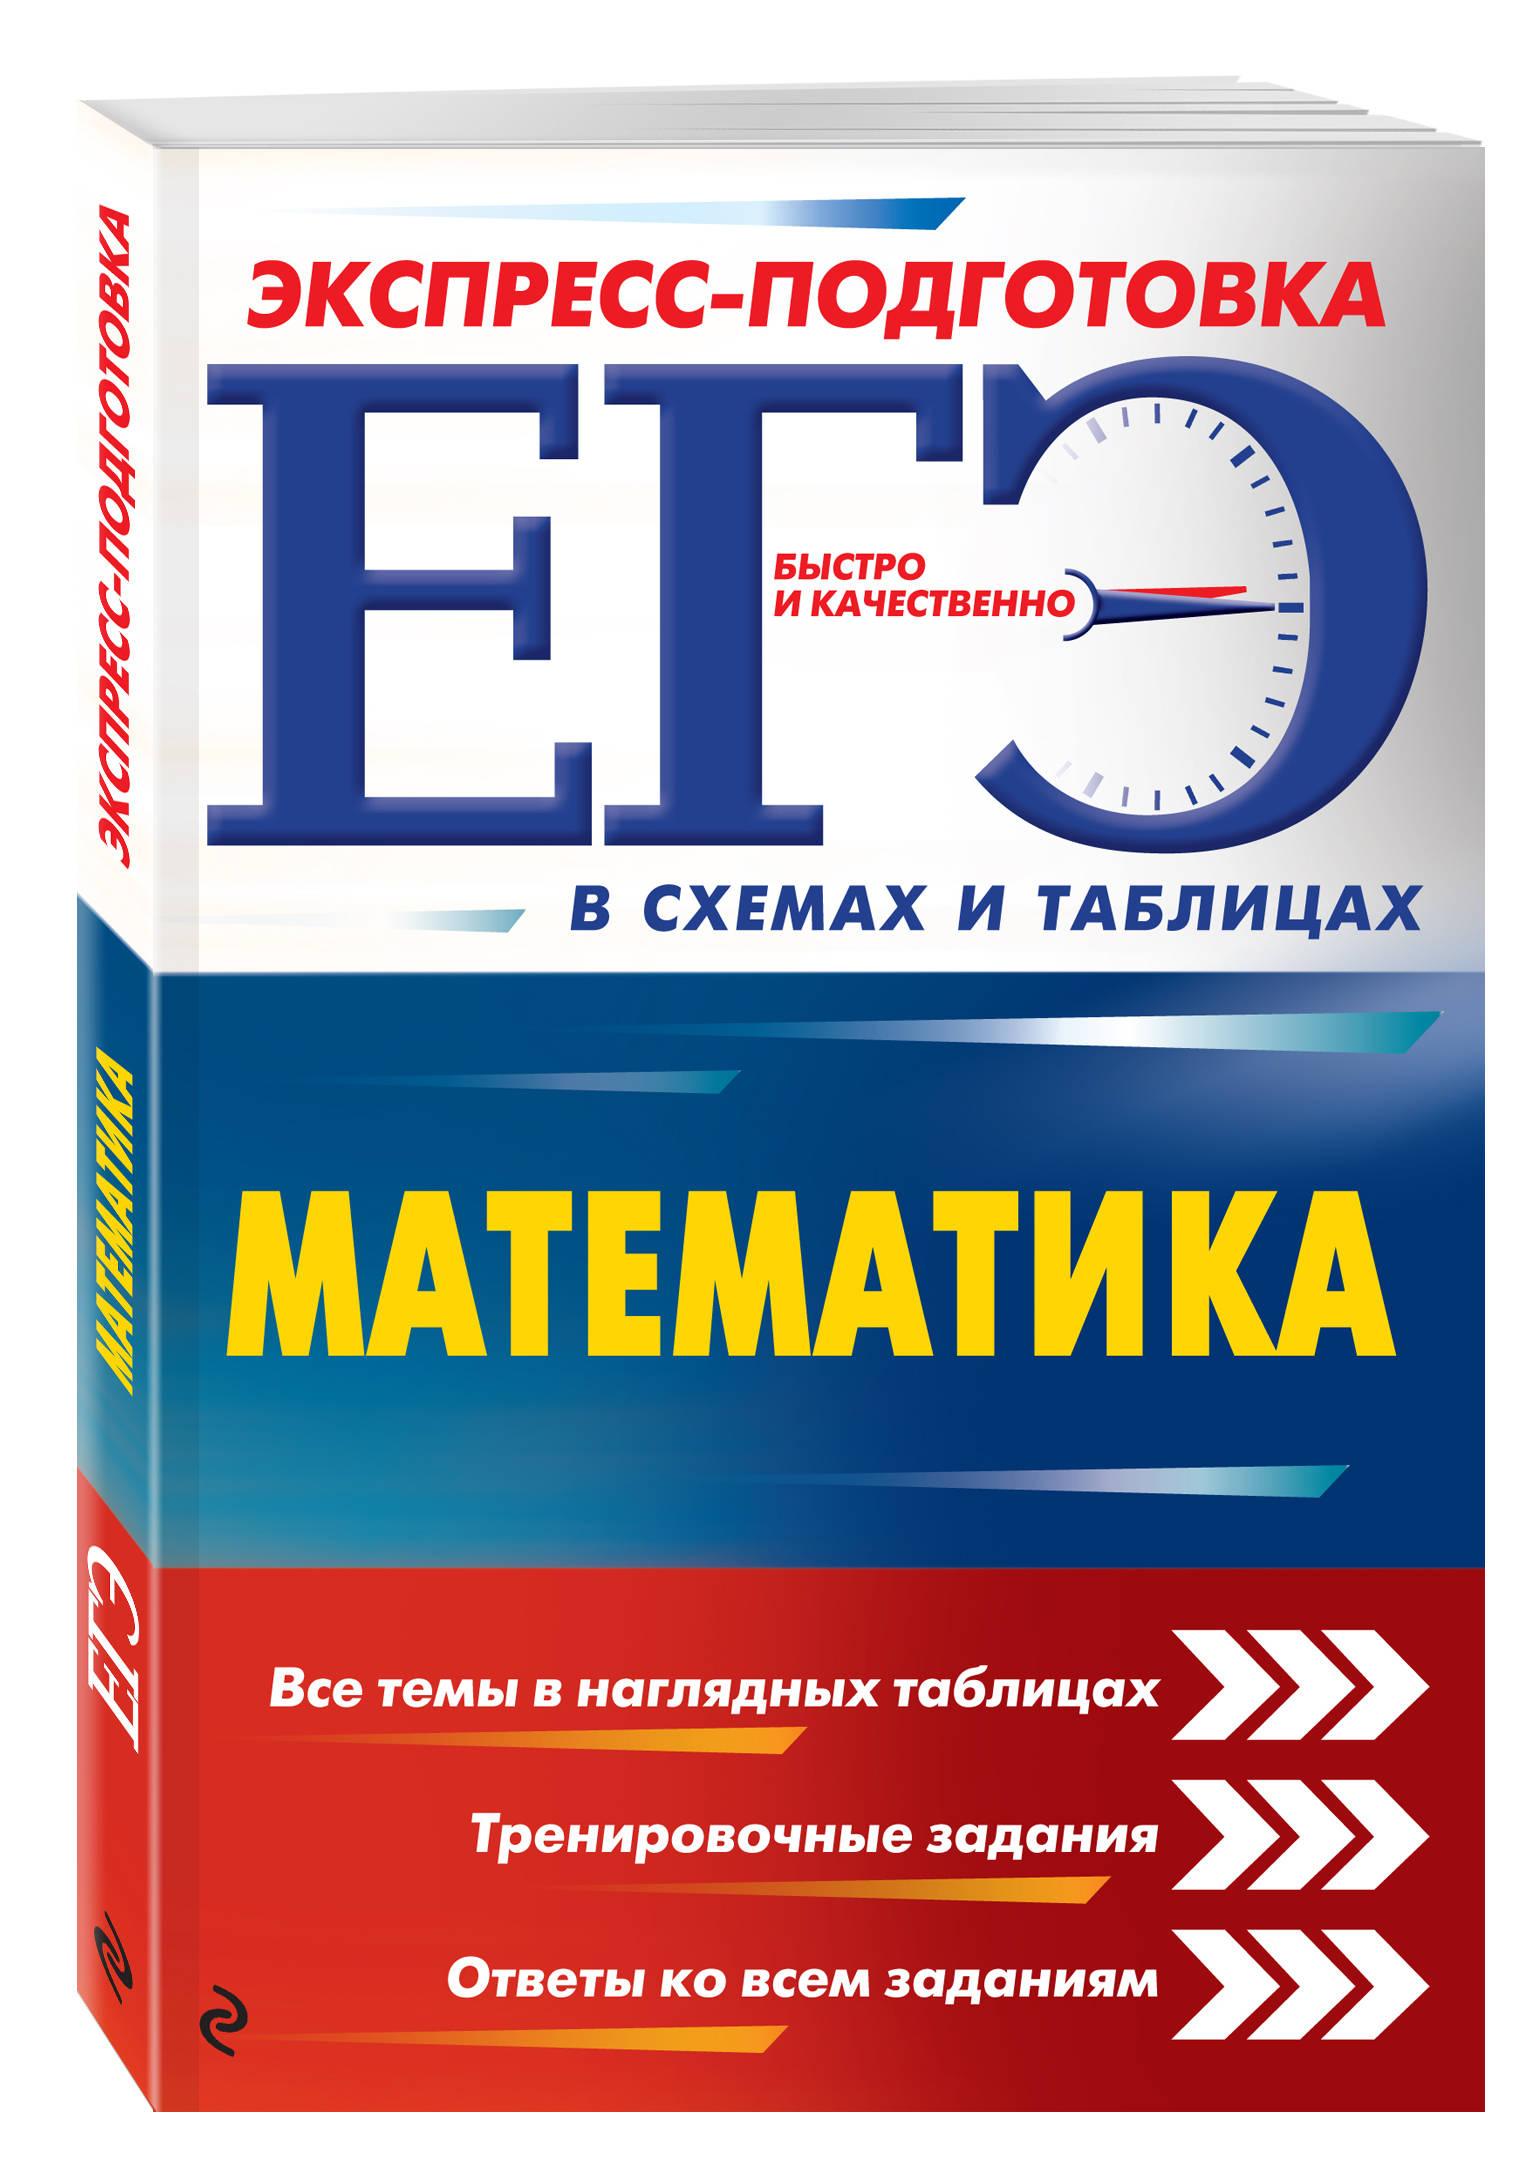 ЕГЭ. Математика ( Роганин А.Н., Третьяк И.В.  )